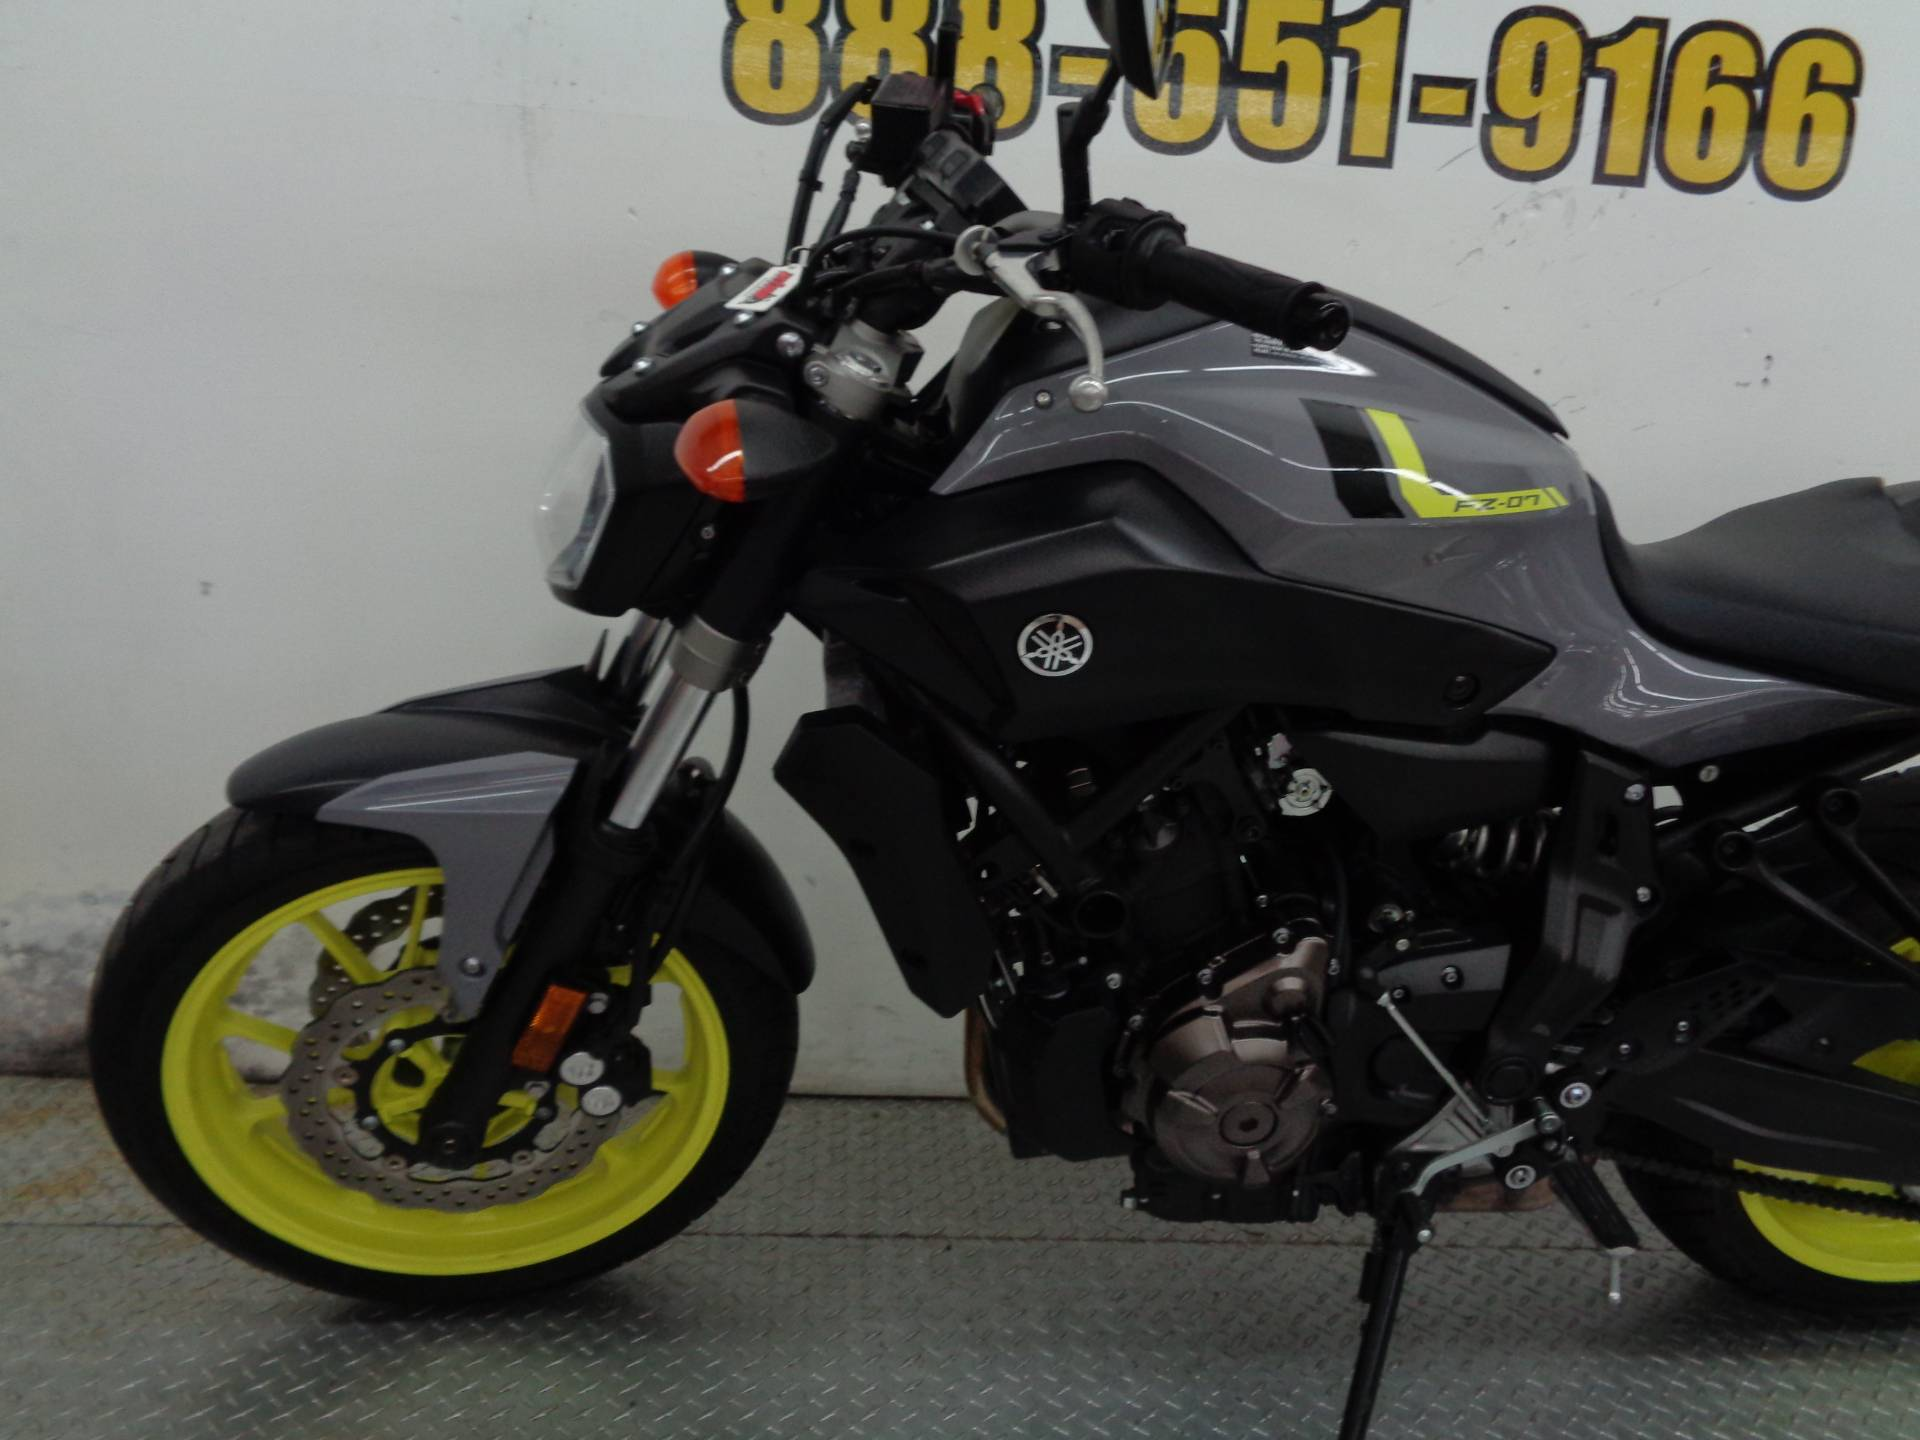 2016 Yamaha FZ-07 5